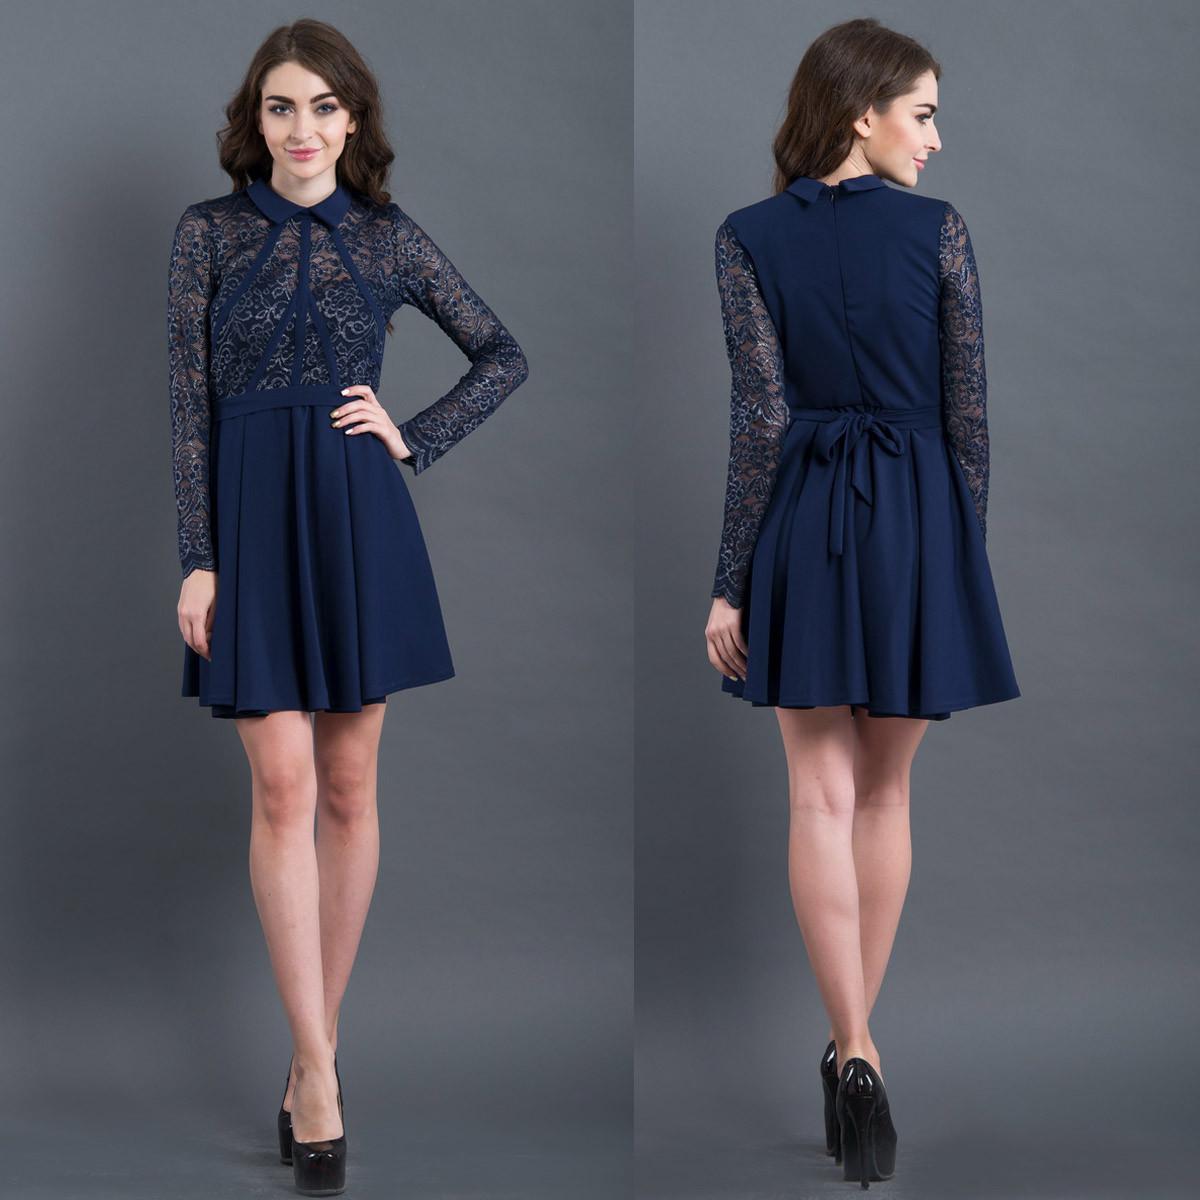 aa13c2eb25f Коктейльное платье синего цвета с гипюром